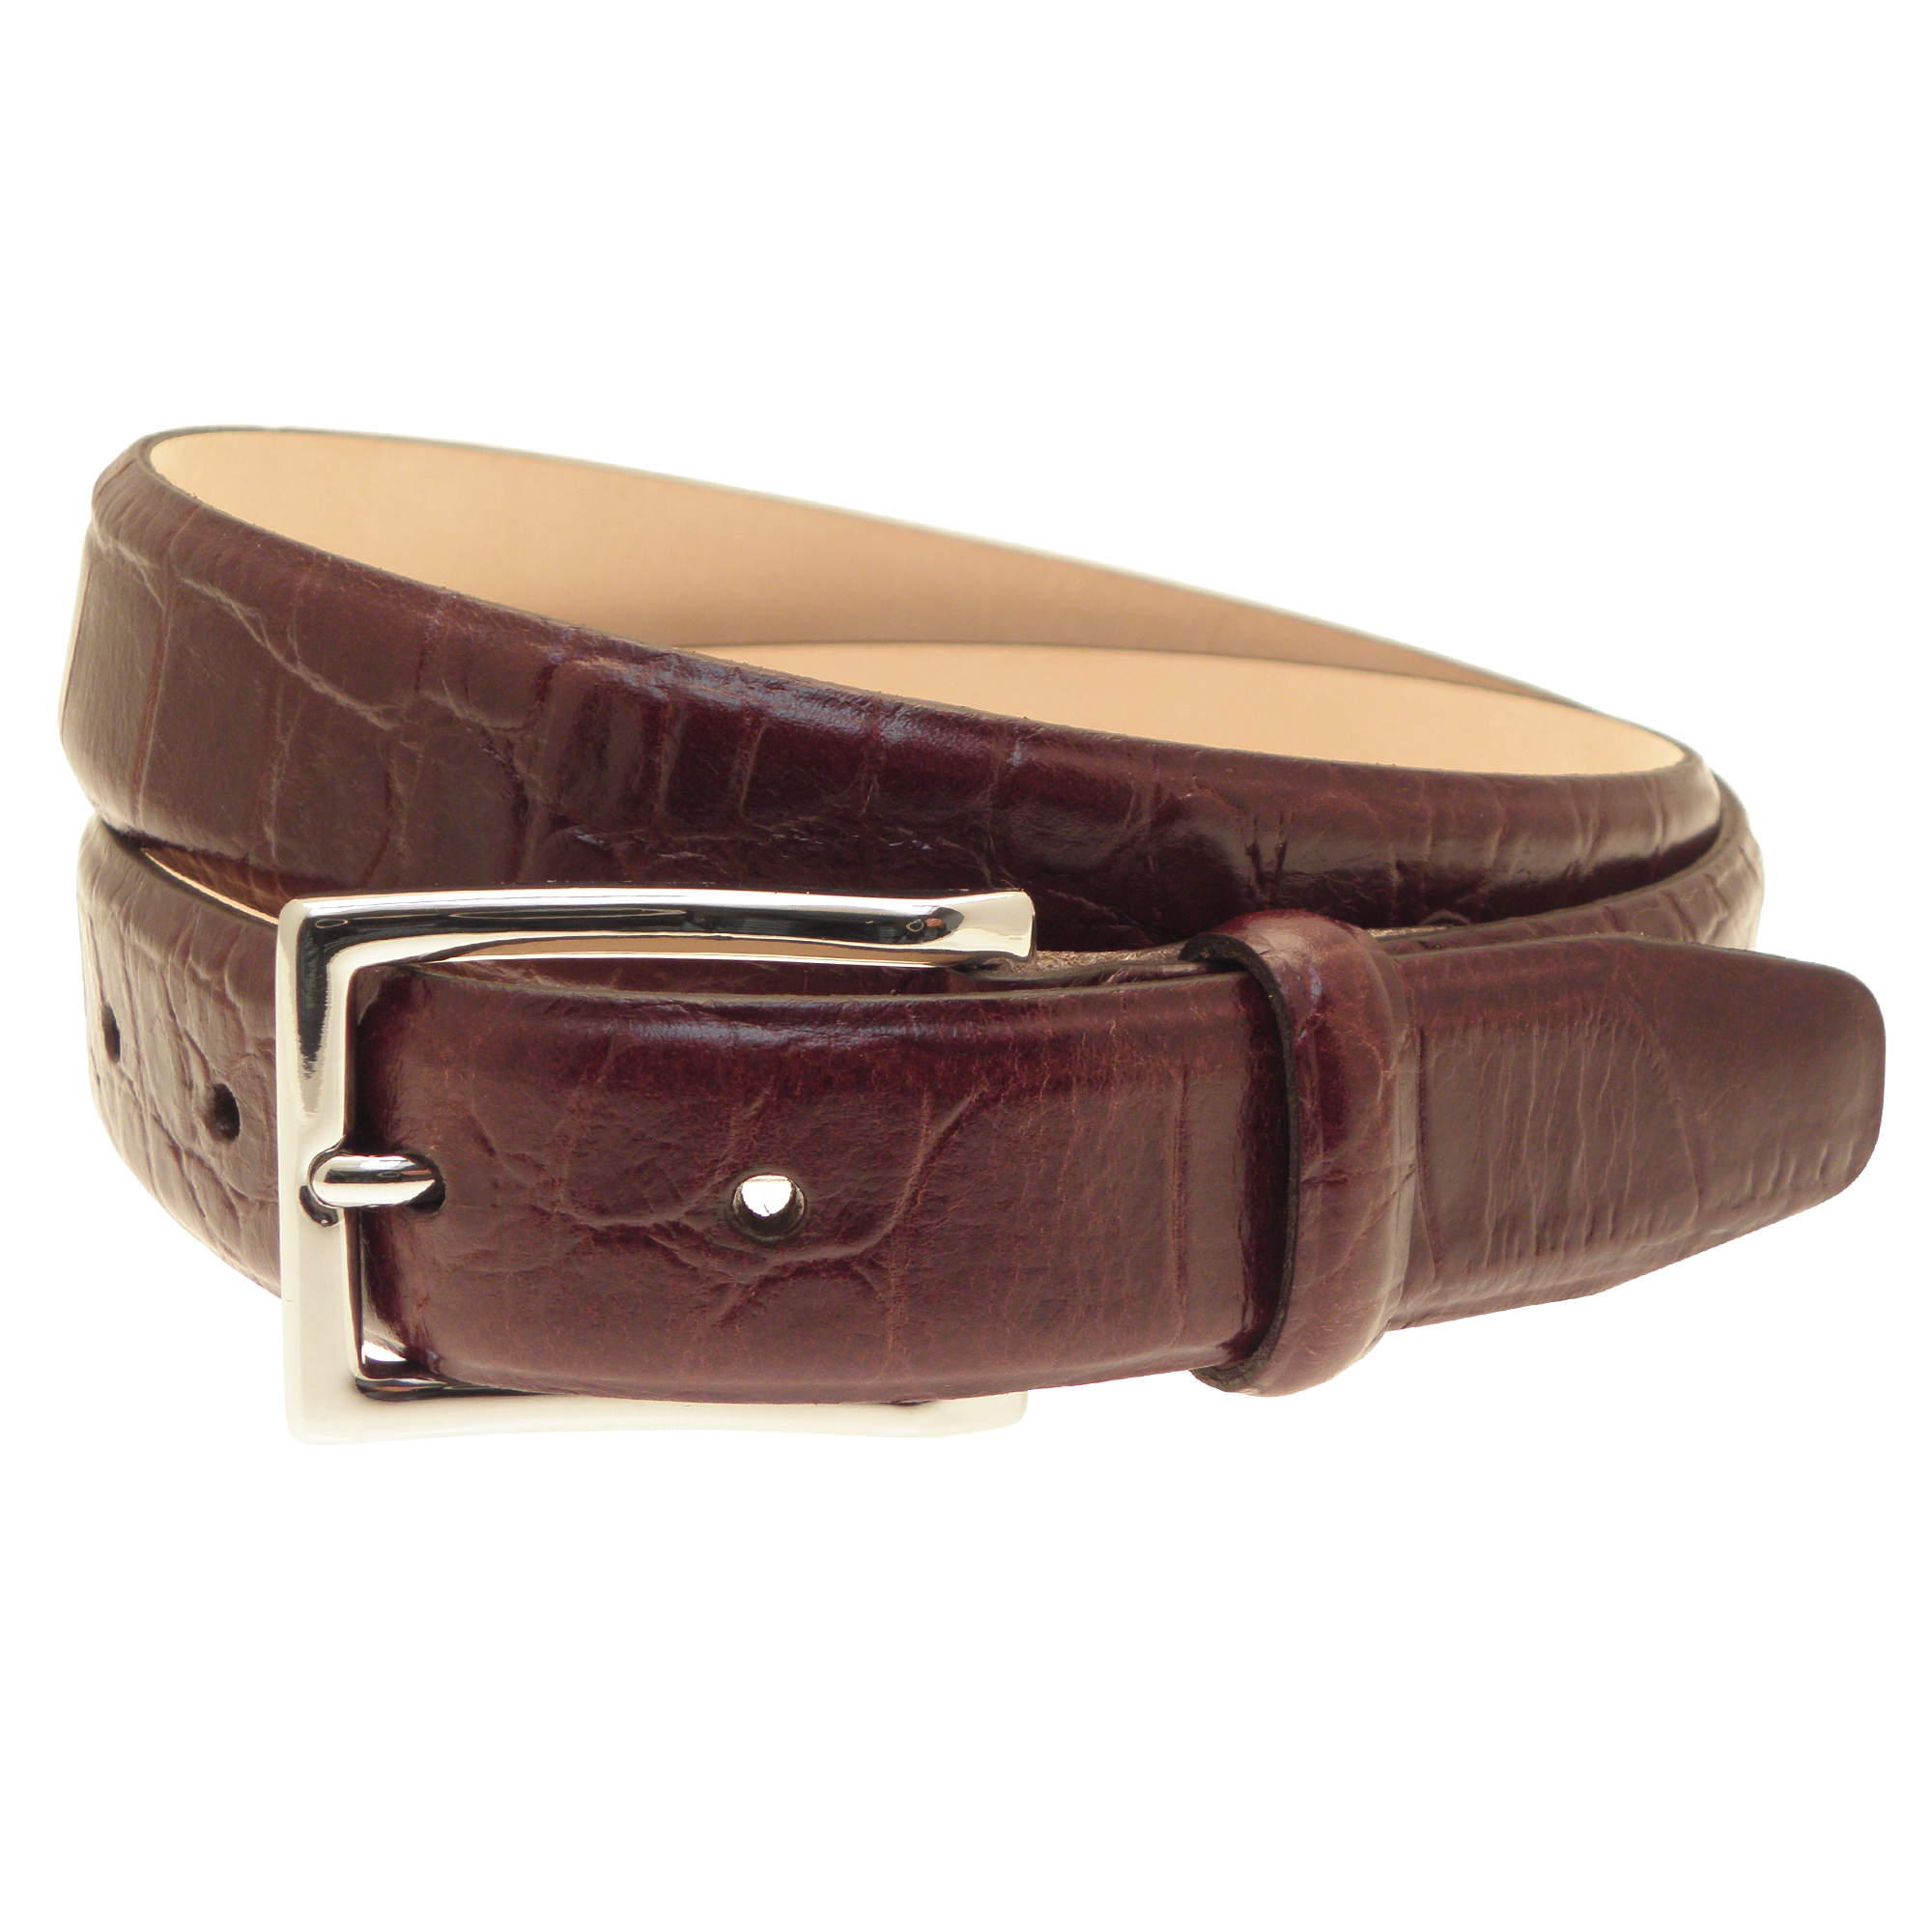 Men's Croc Embossed Leather Belt PNG Image